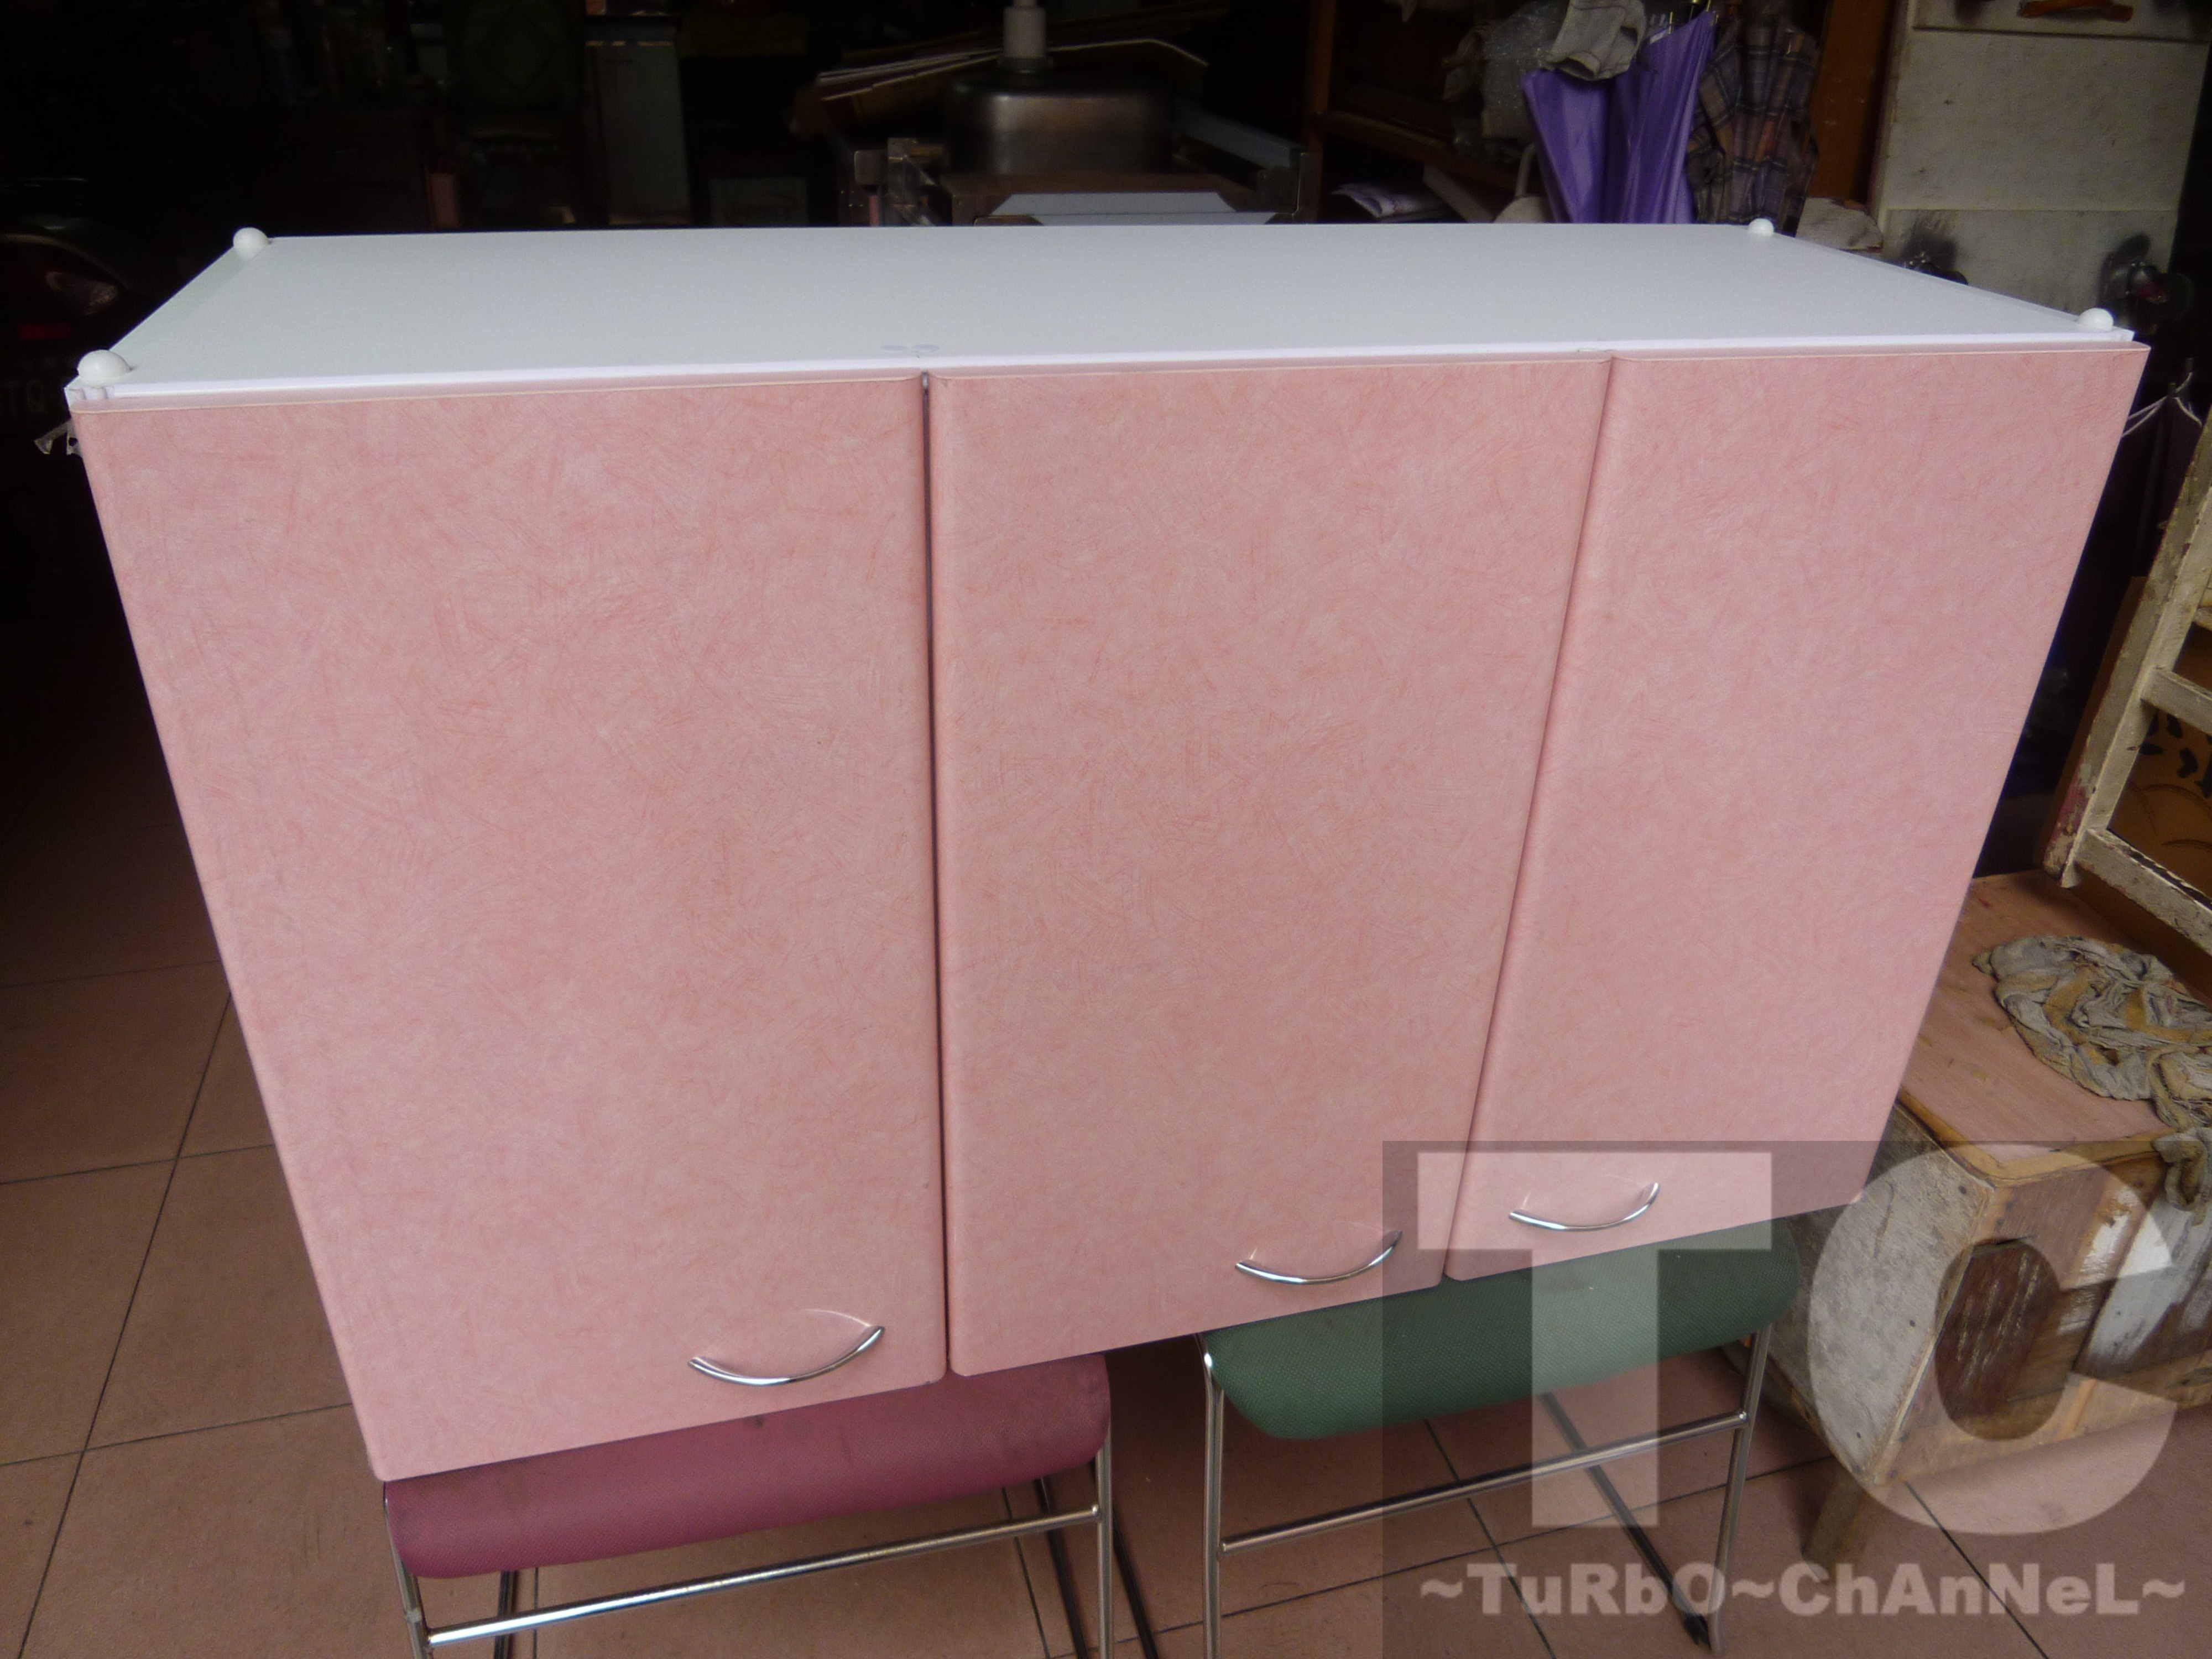 【100公分吊廚-右對開 吊櫃 廚櫃 壁櫥】粉紅線條門板 對應本賣場流理台產品尺寸 置物吊櫃